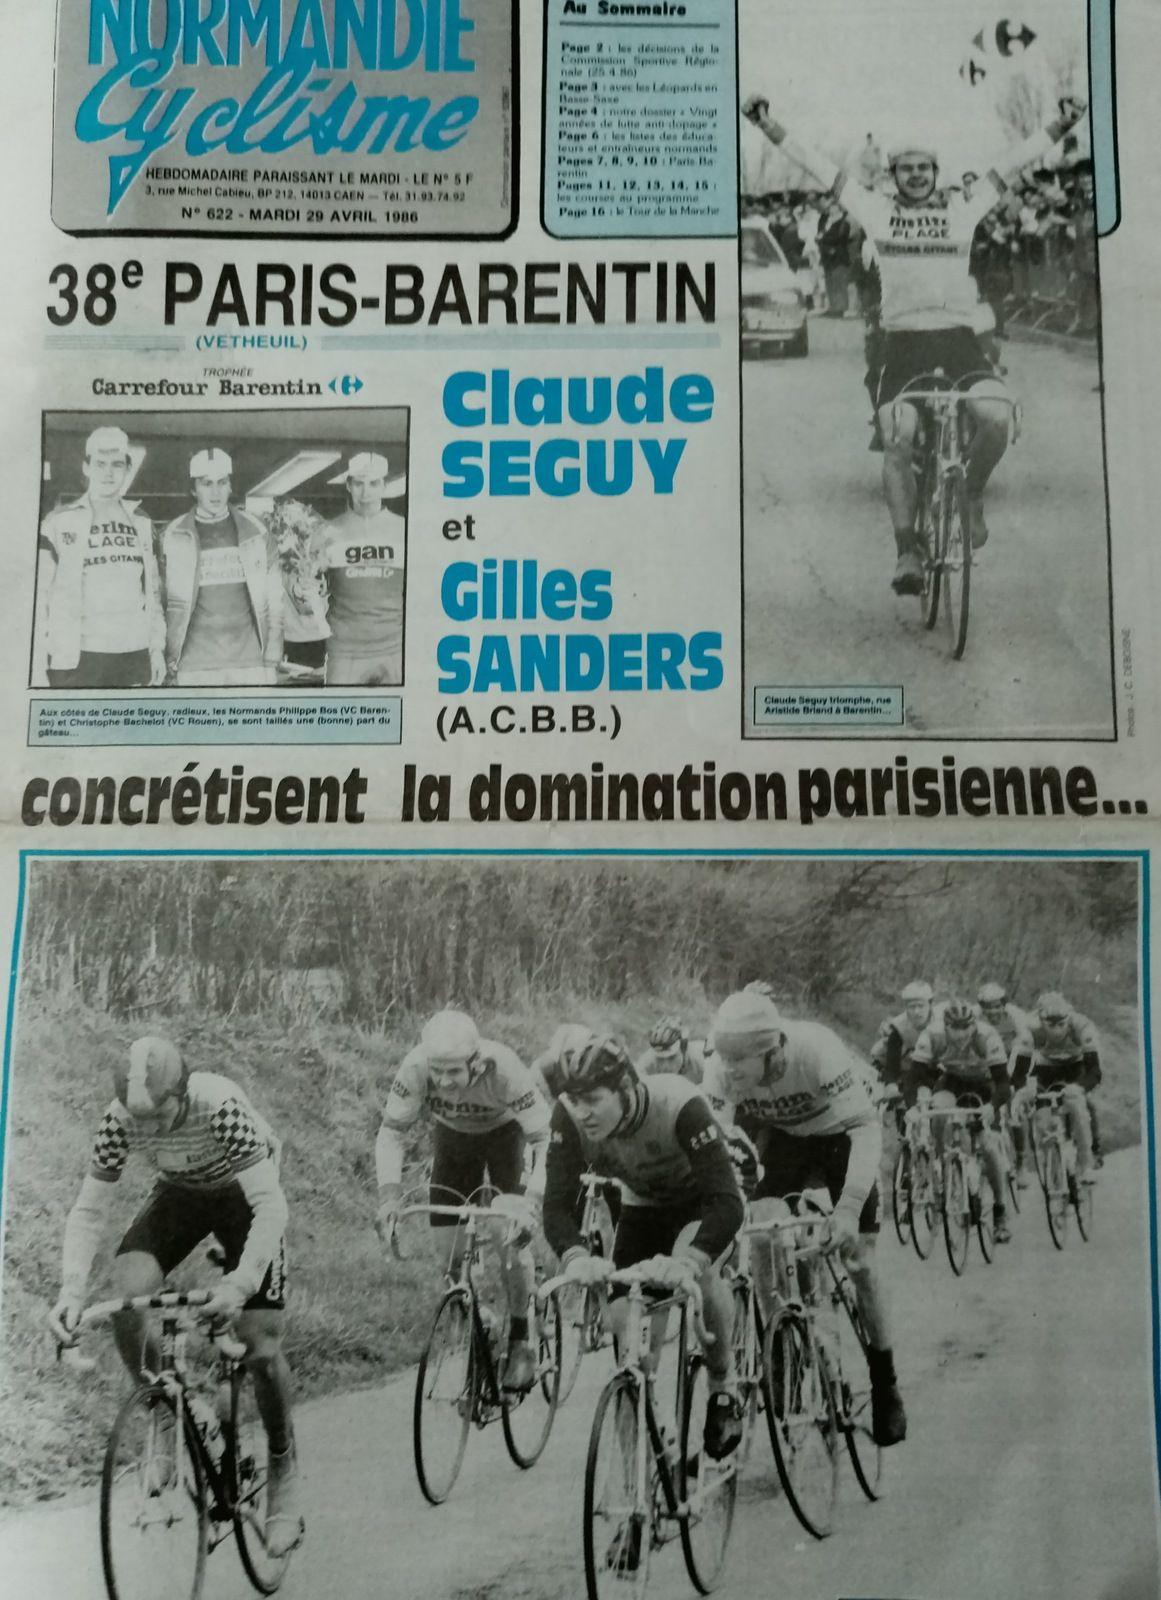 Normandie Cyclisme N°622 du 29/04/1986